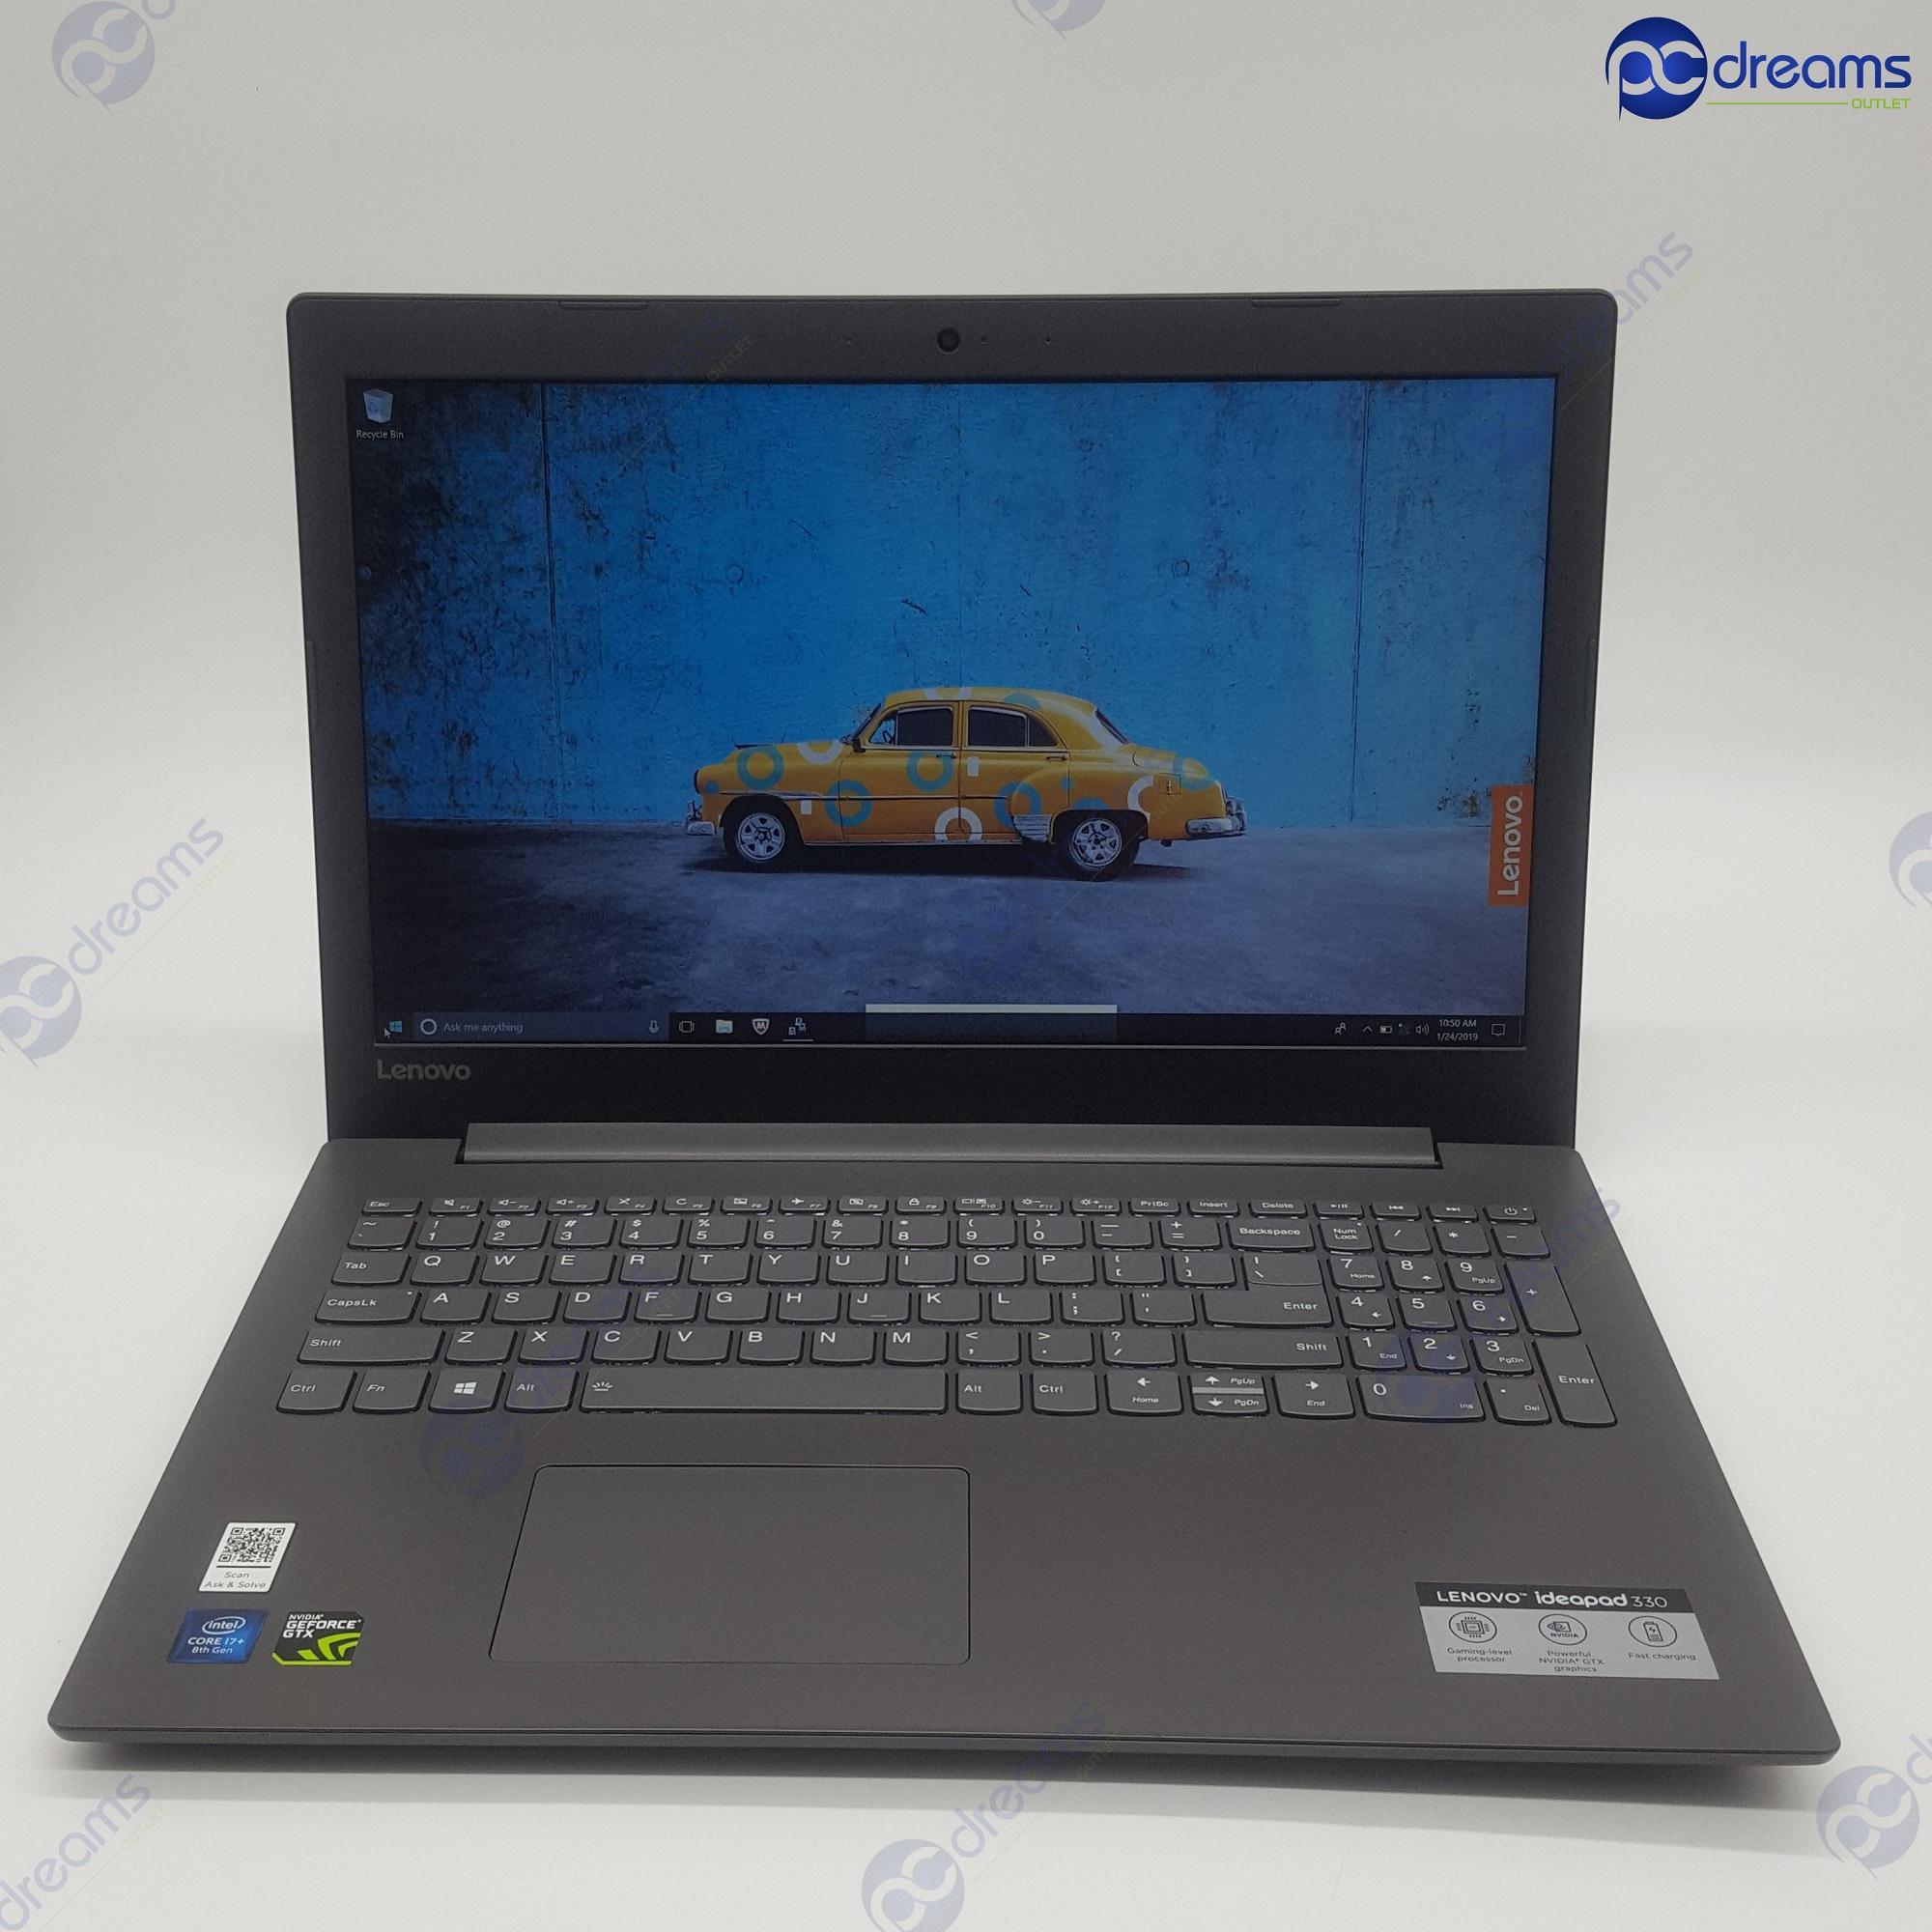 LENOVO IDEAPAD 330-15ICH (81FK001TSB) i7-8750H/8GB/256GB SSD+1TB HDD/GTX1050 [Premium Refreshed]